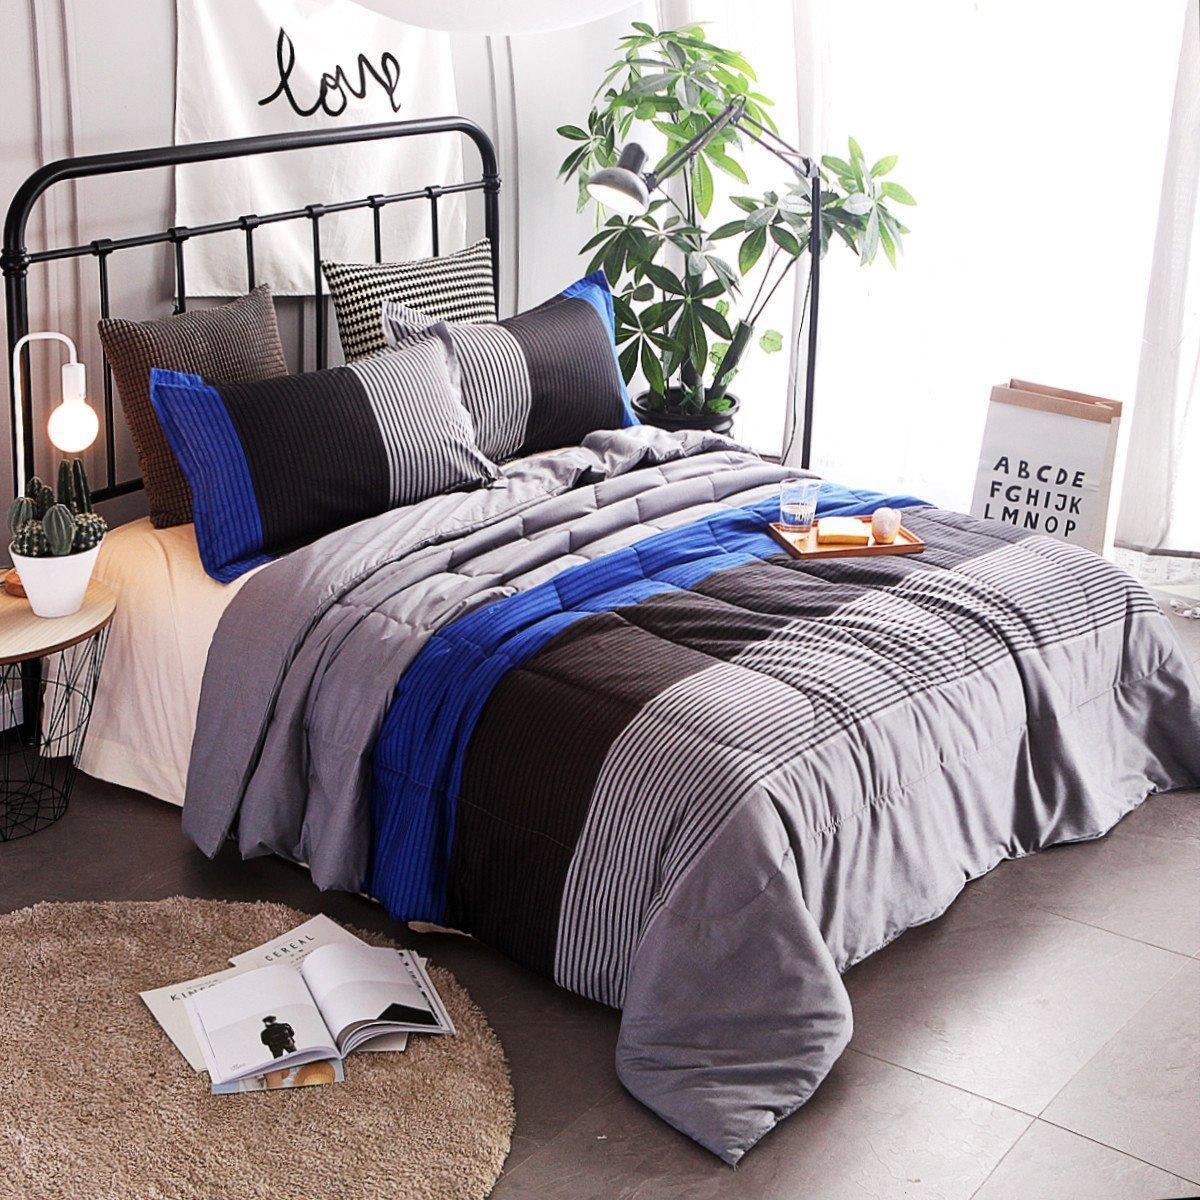 Comforter Sets.Winlife 3 Piece Striped Quilt Set Boys Bedspreads Coverlet Sets Comforter Sets Queen